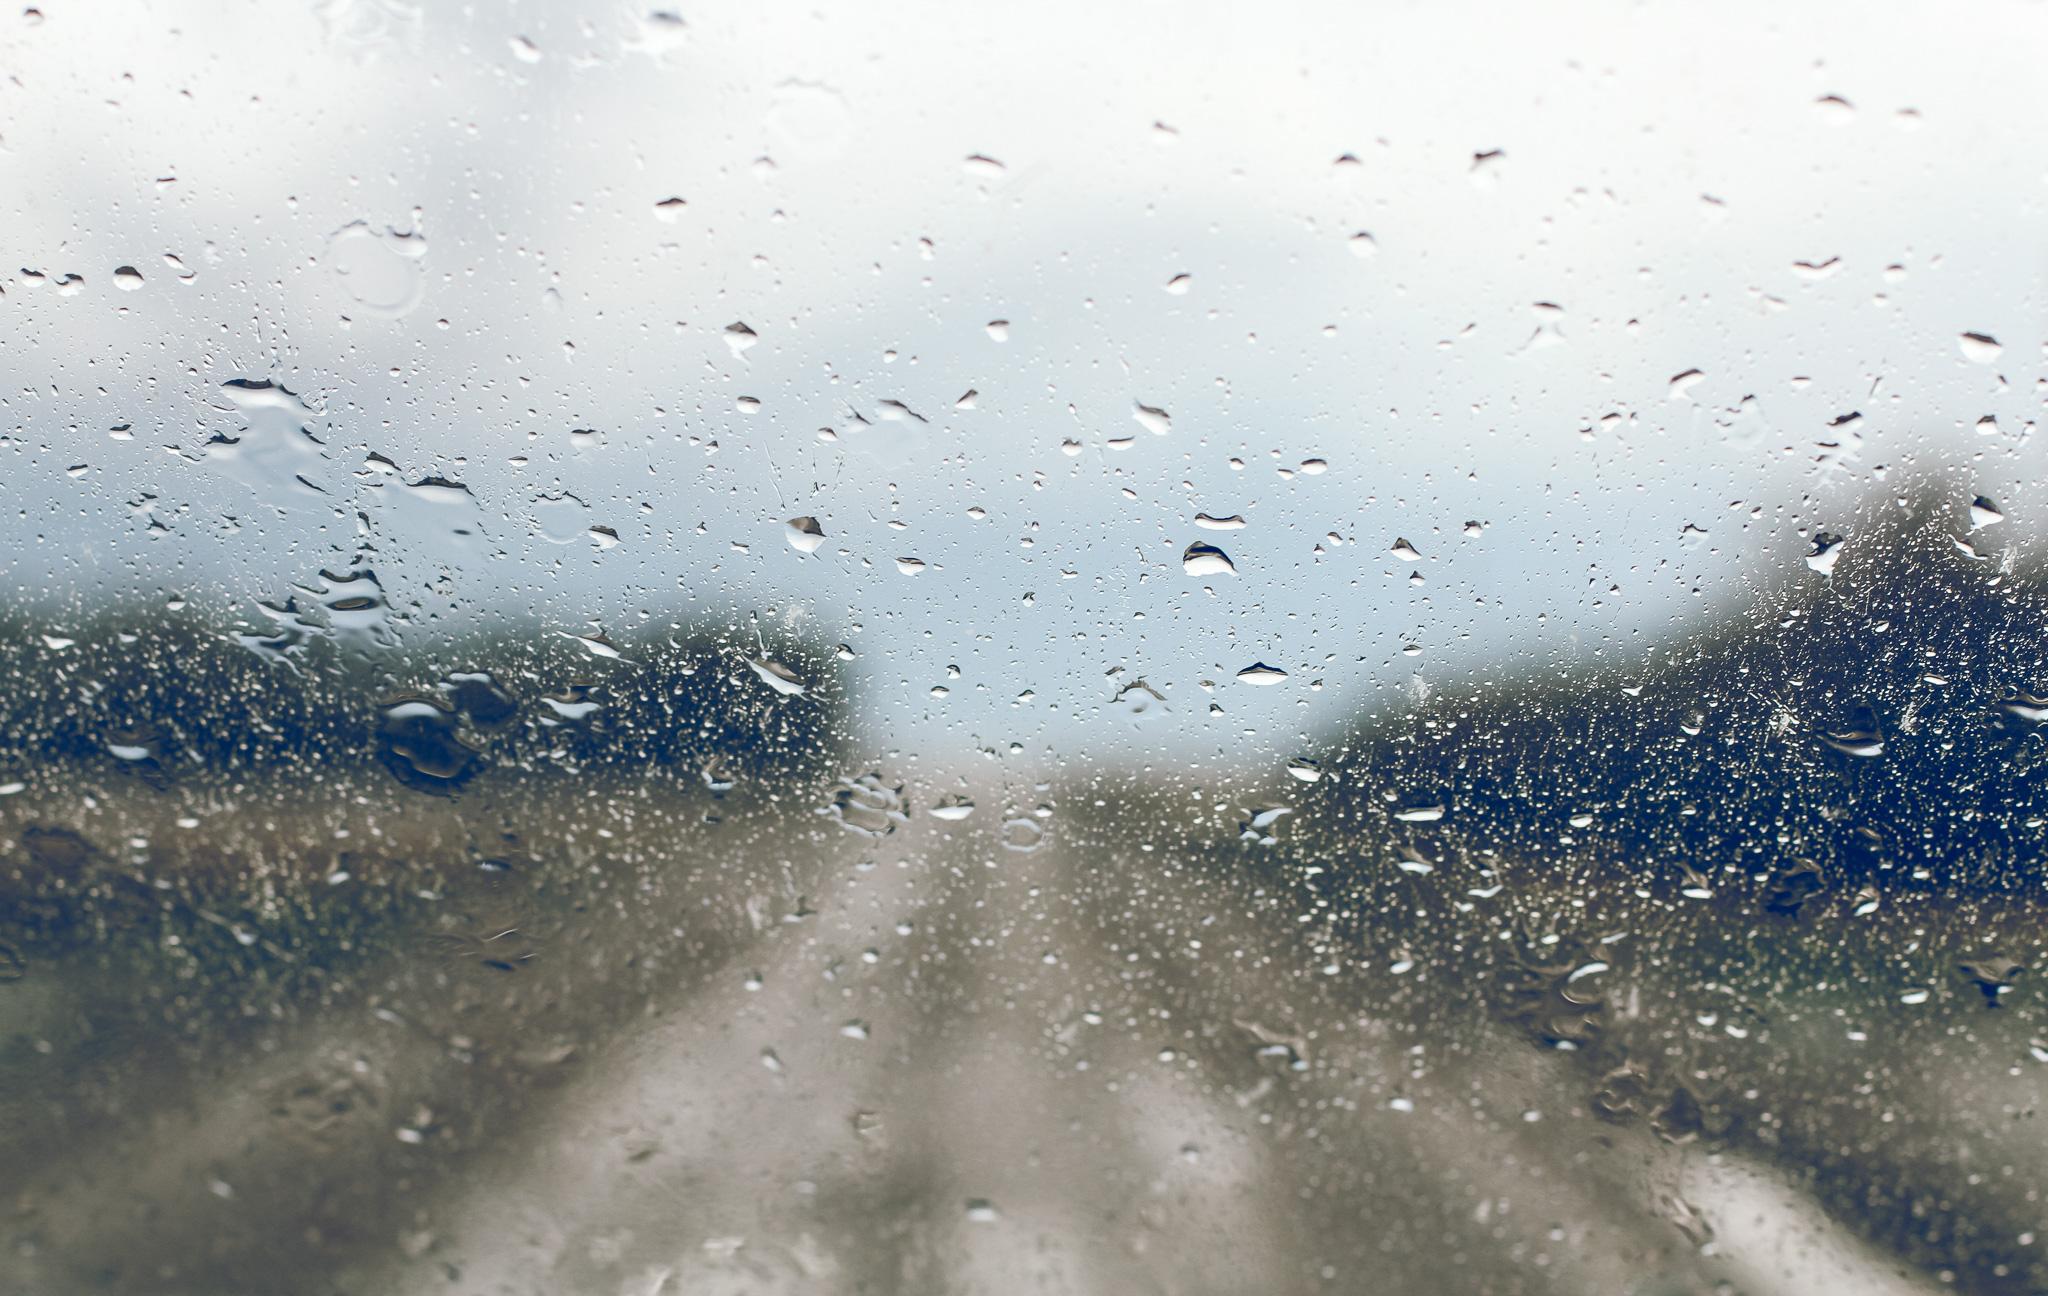 Backroads & rain drops